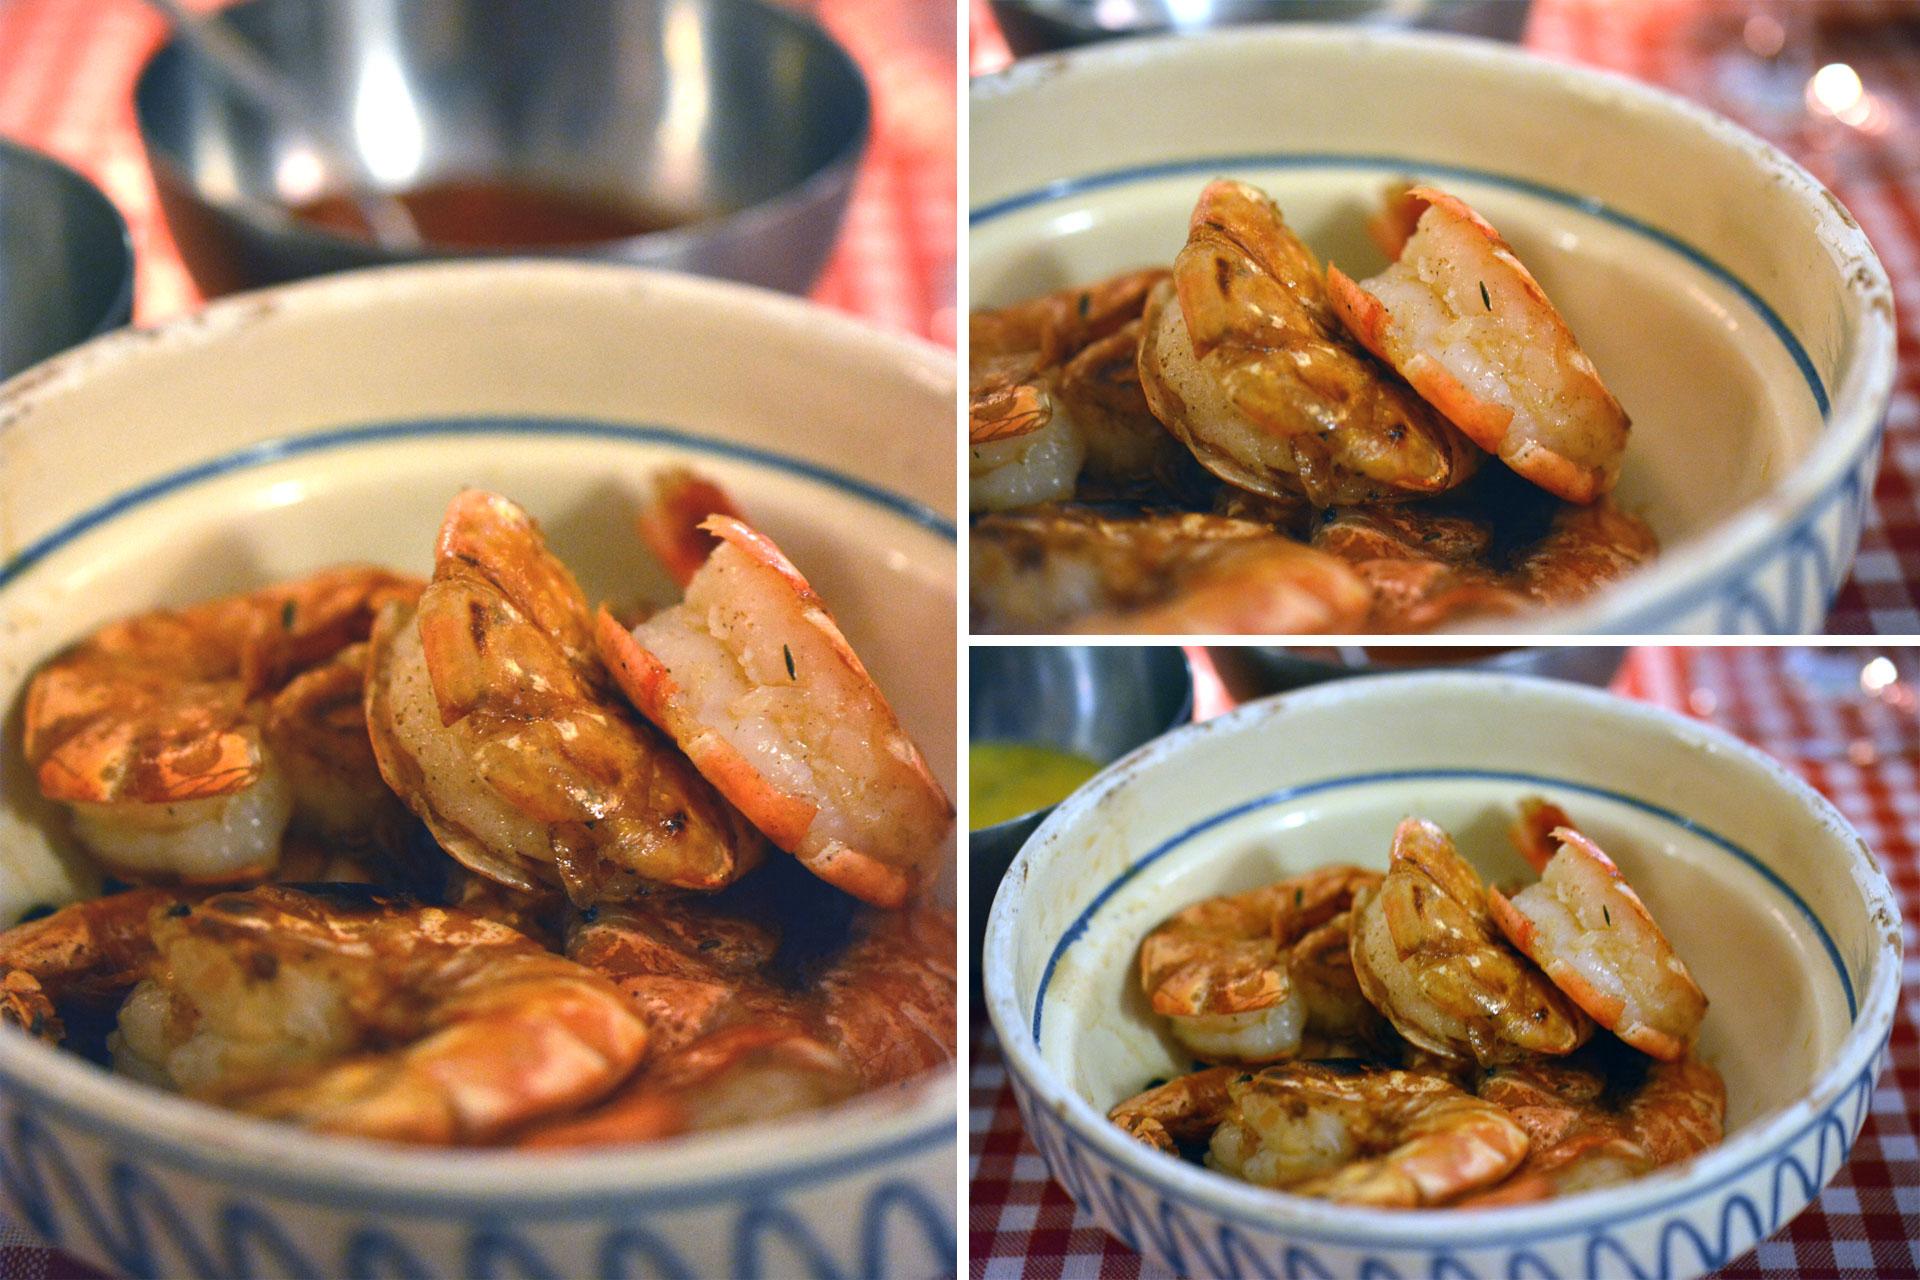 Immer wieder, Immer wieder: Garnelen in der Schale gebraten und serviert, mit Thymian und Heiligem Basilikum, Tomaten-Jalapenos-Salsa, Nussbutter-Mayonnaise, Mango-Joghurt Dip